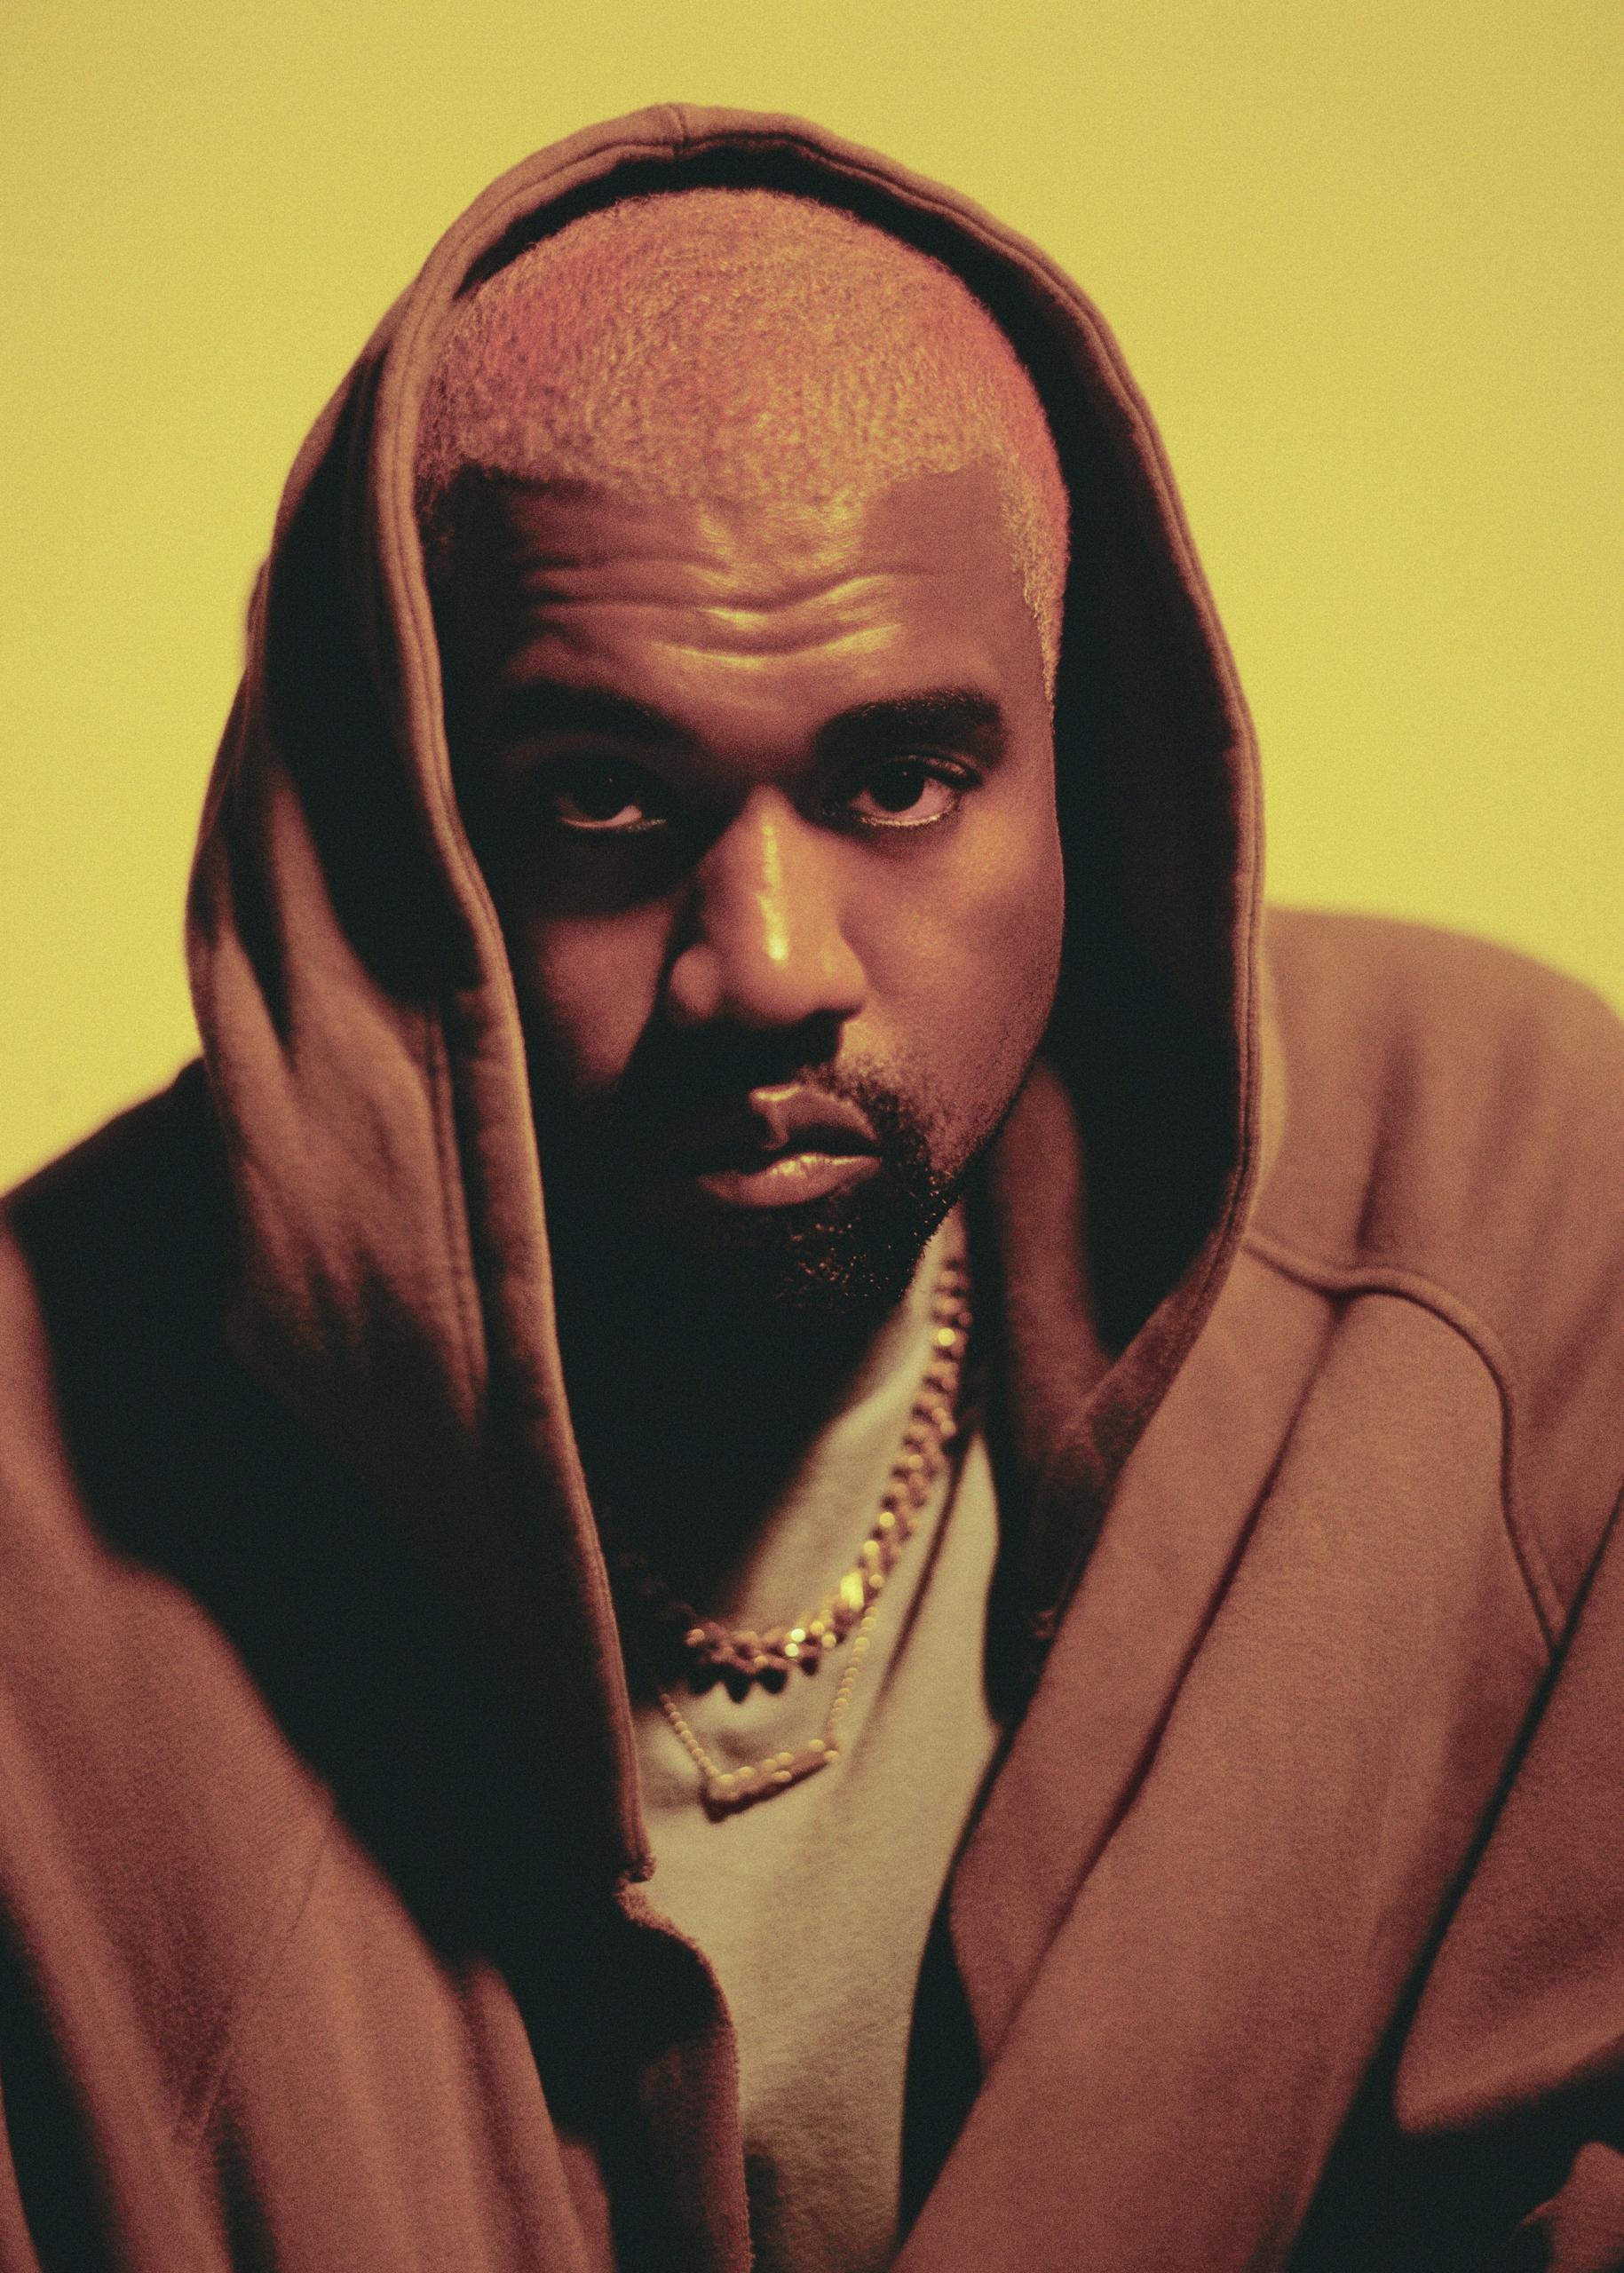 Las 8 mejores canciones de Kanye West